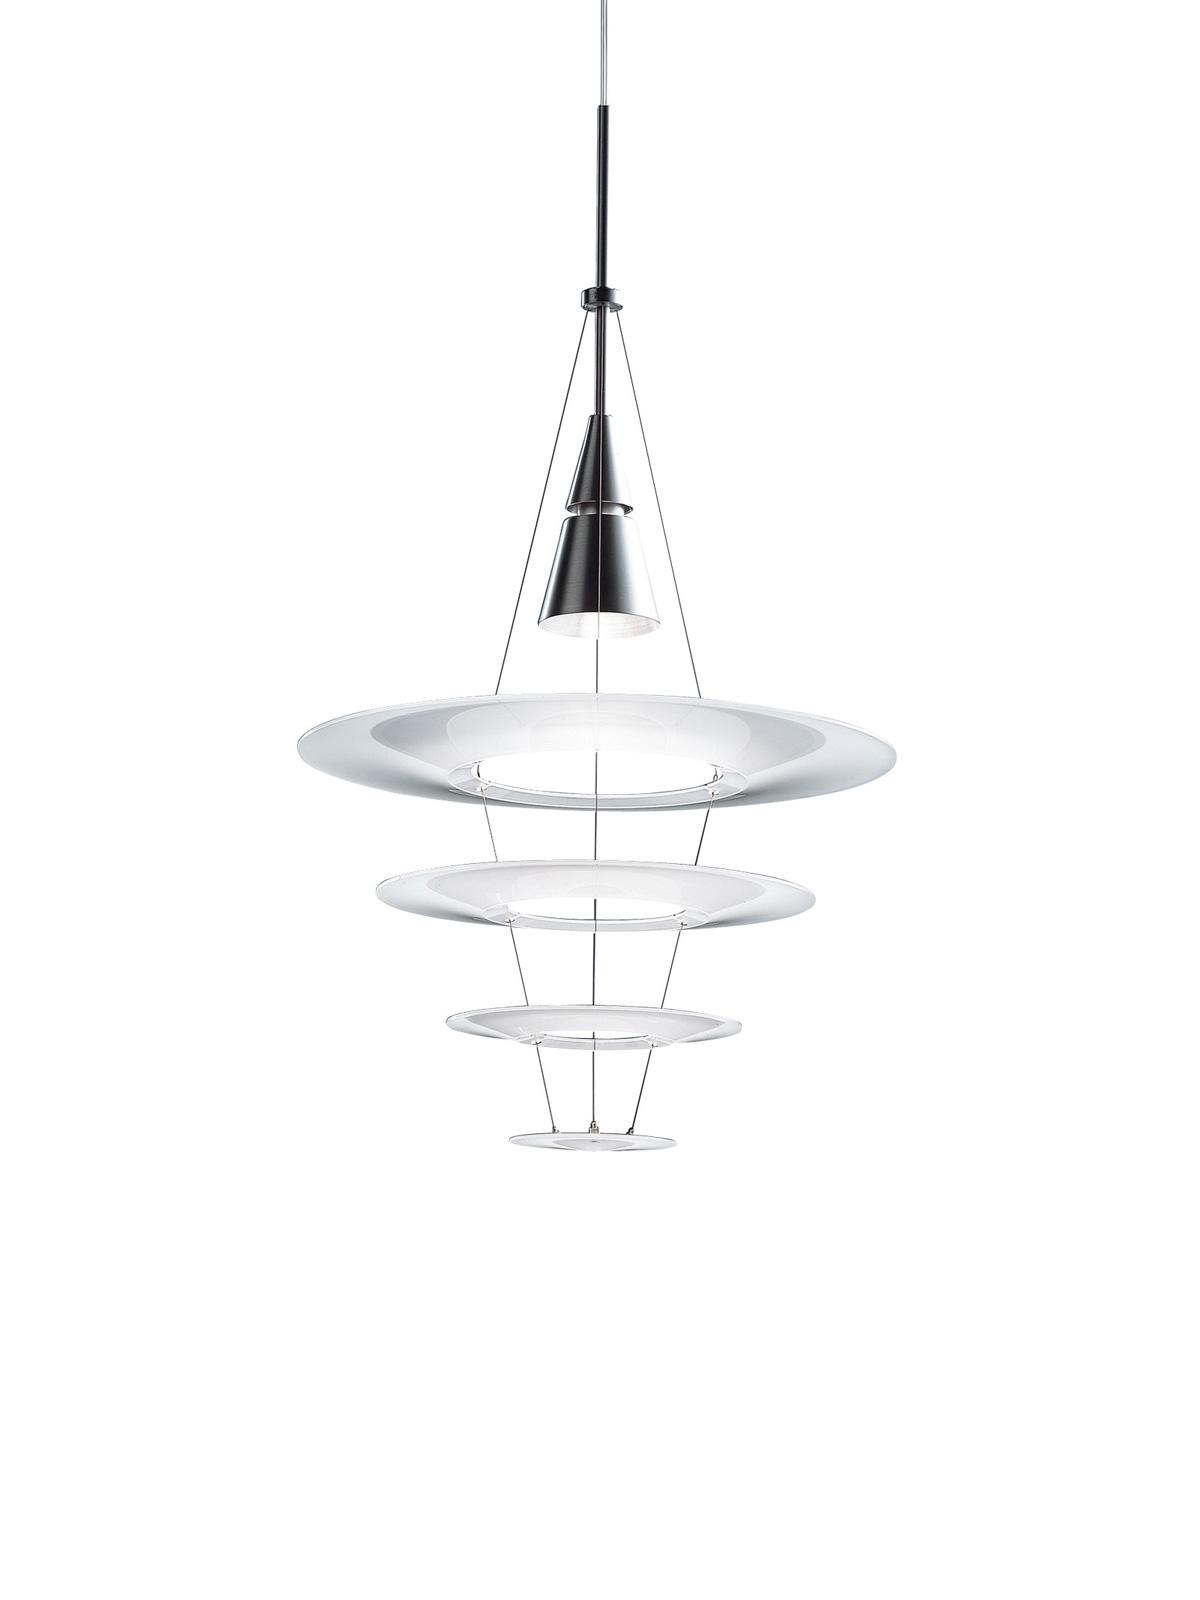 Sidste nye ENIGMA 425 - Lampen Leuchten Designerleuchten Online Berlin Design WM-56